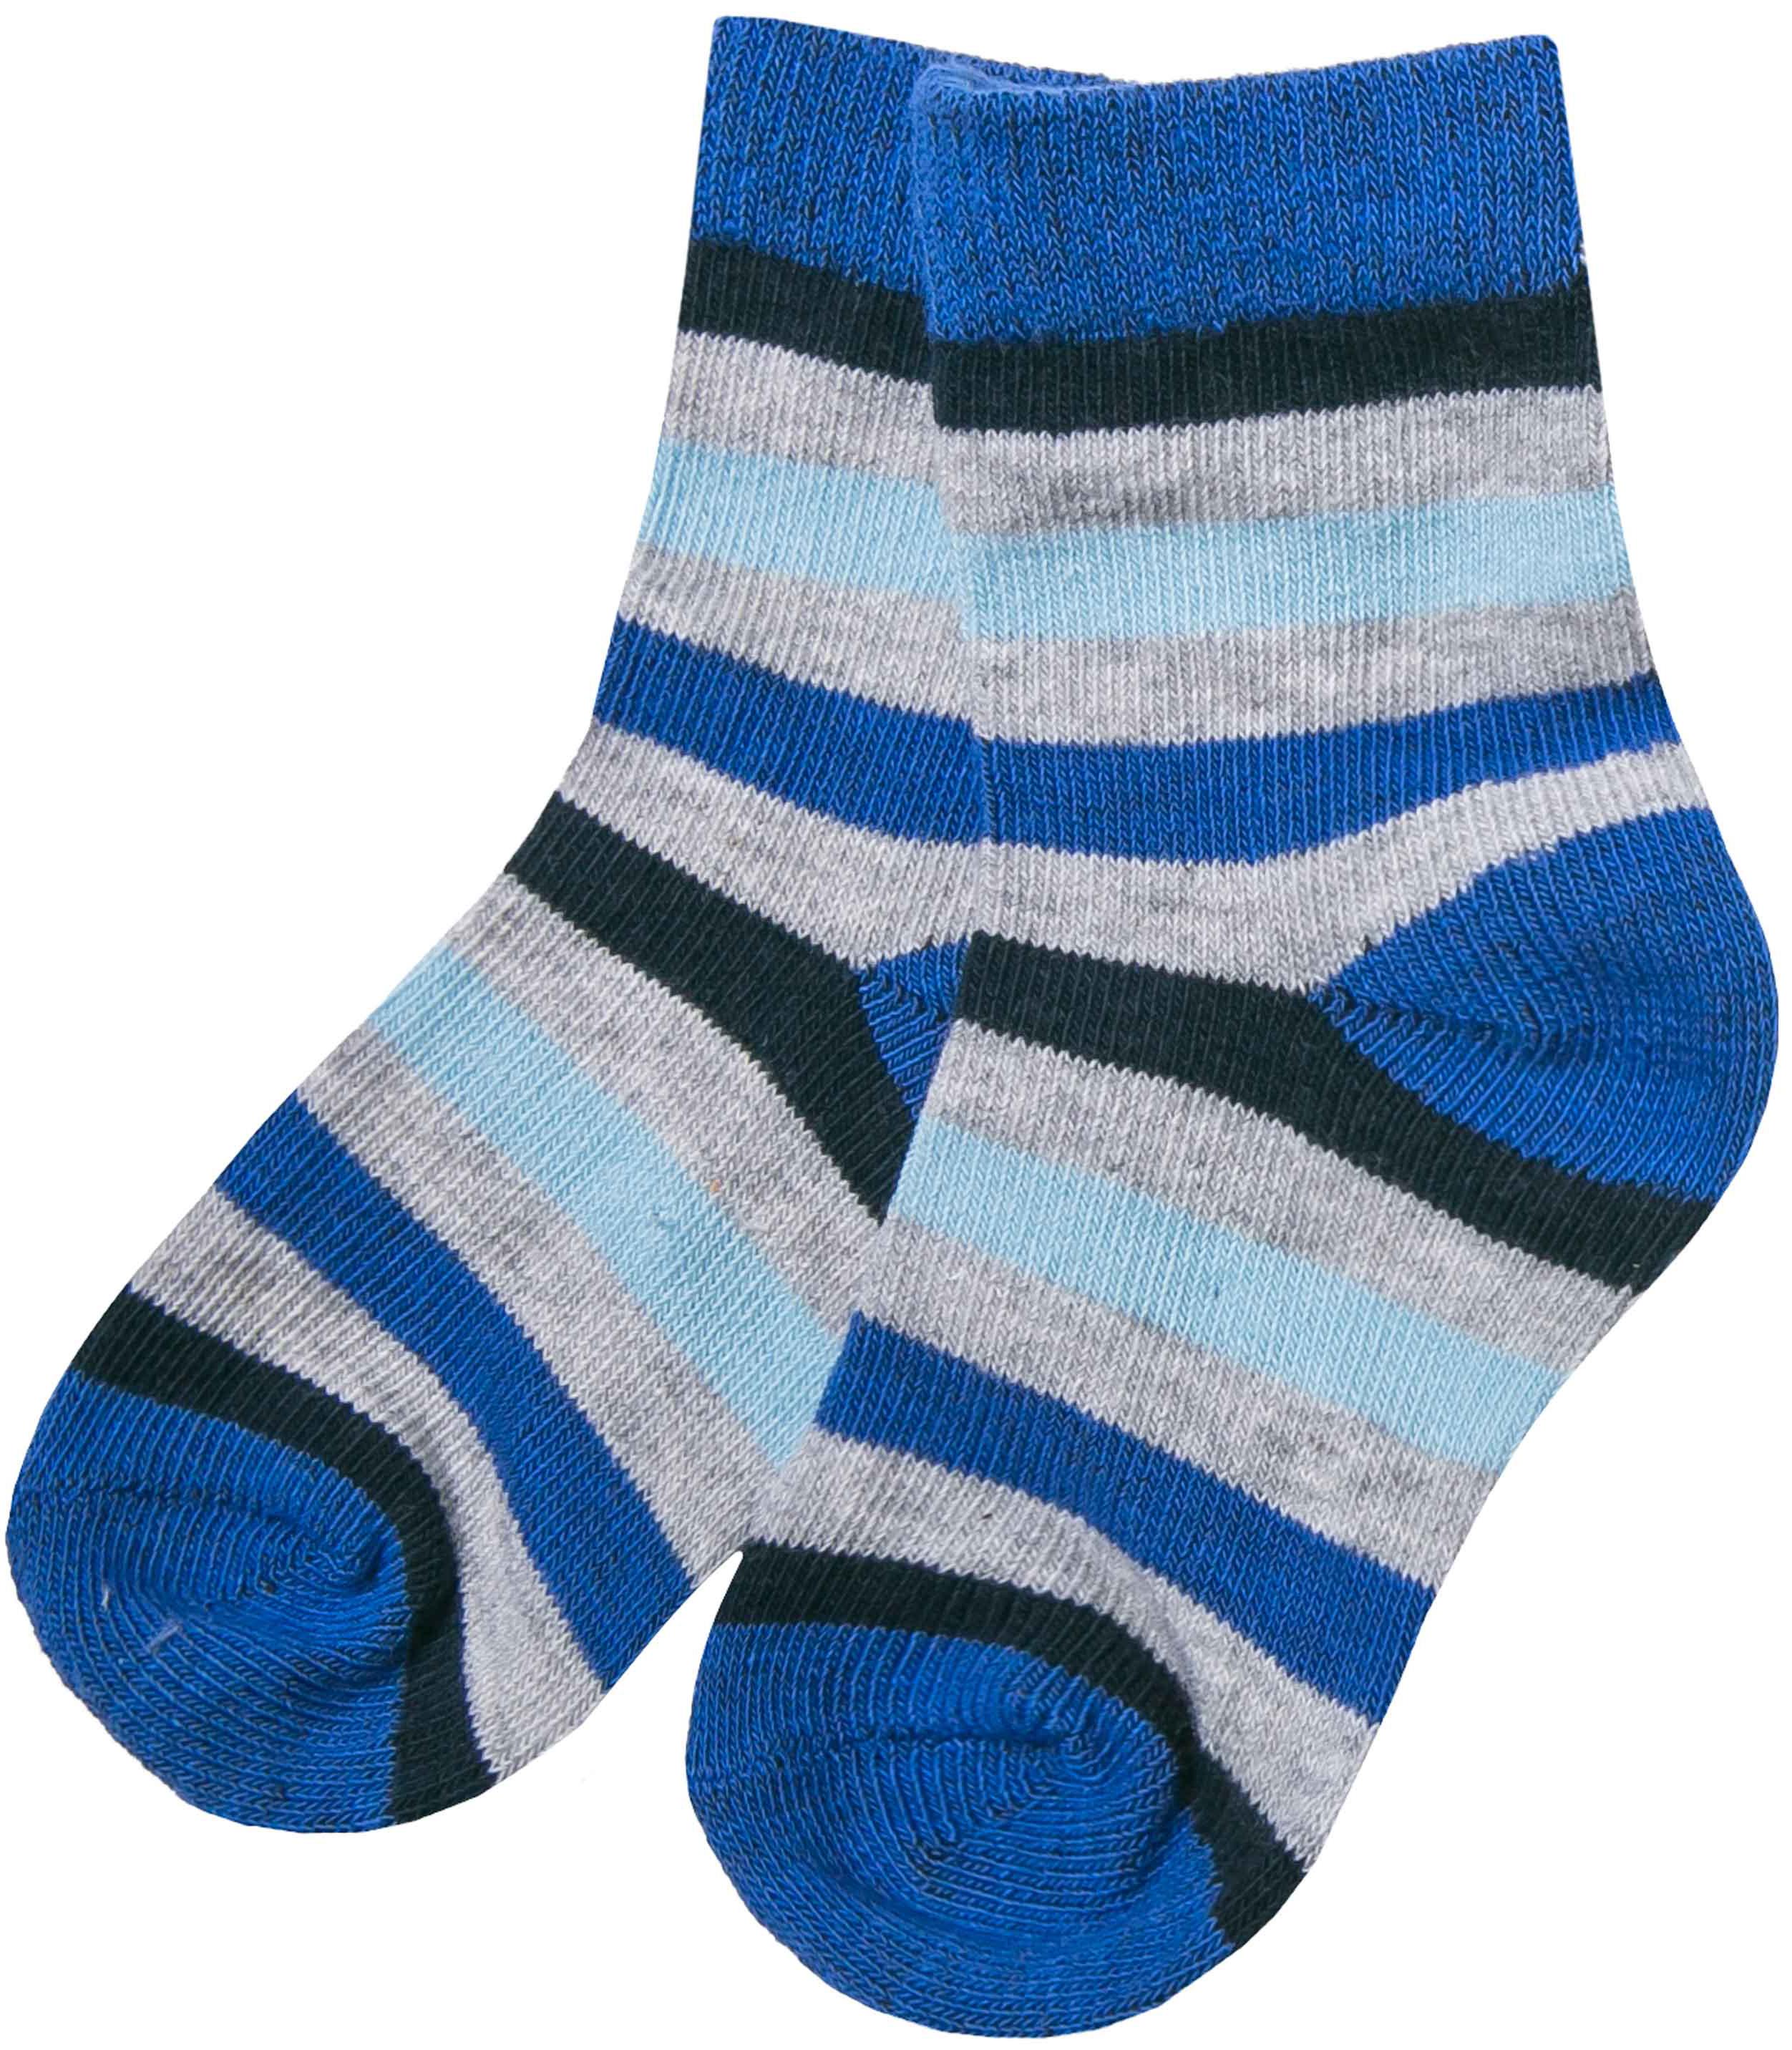 Купить Носки для мальчика, model, 1шт., Barkito W17B2002T(4), Китай, голубой с рисунком в полоску, Мужской